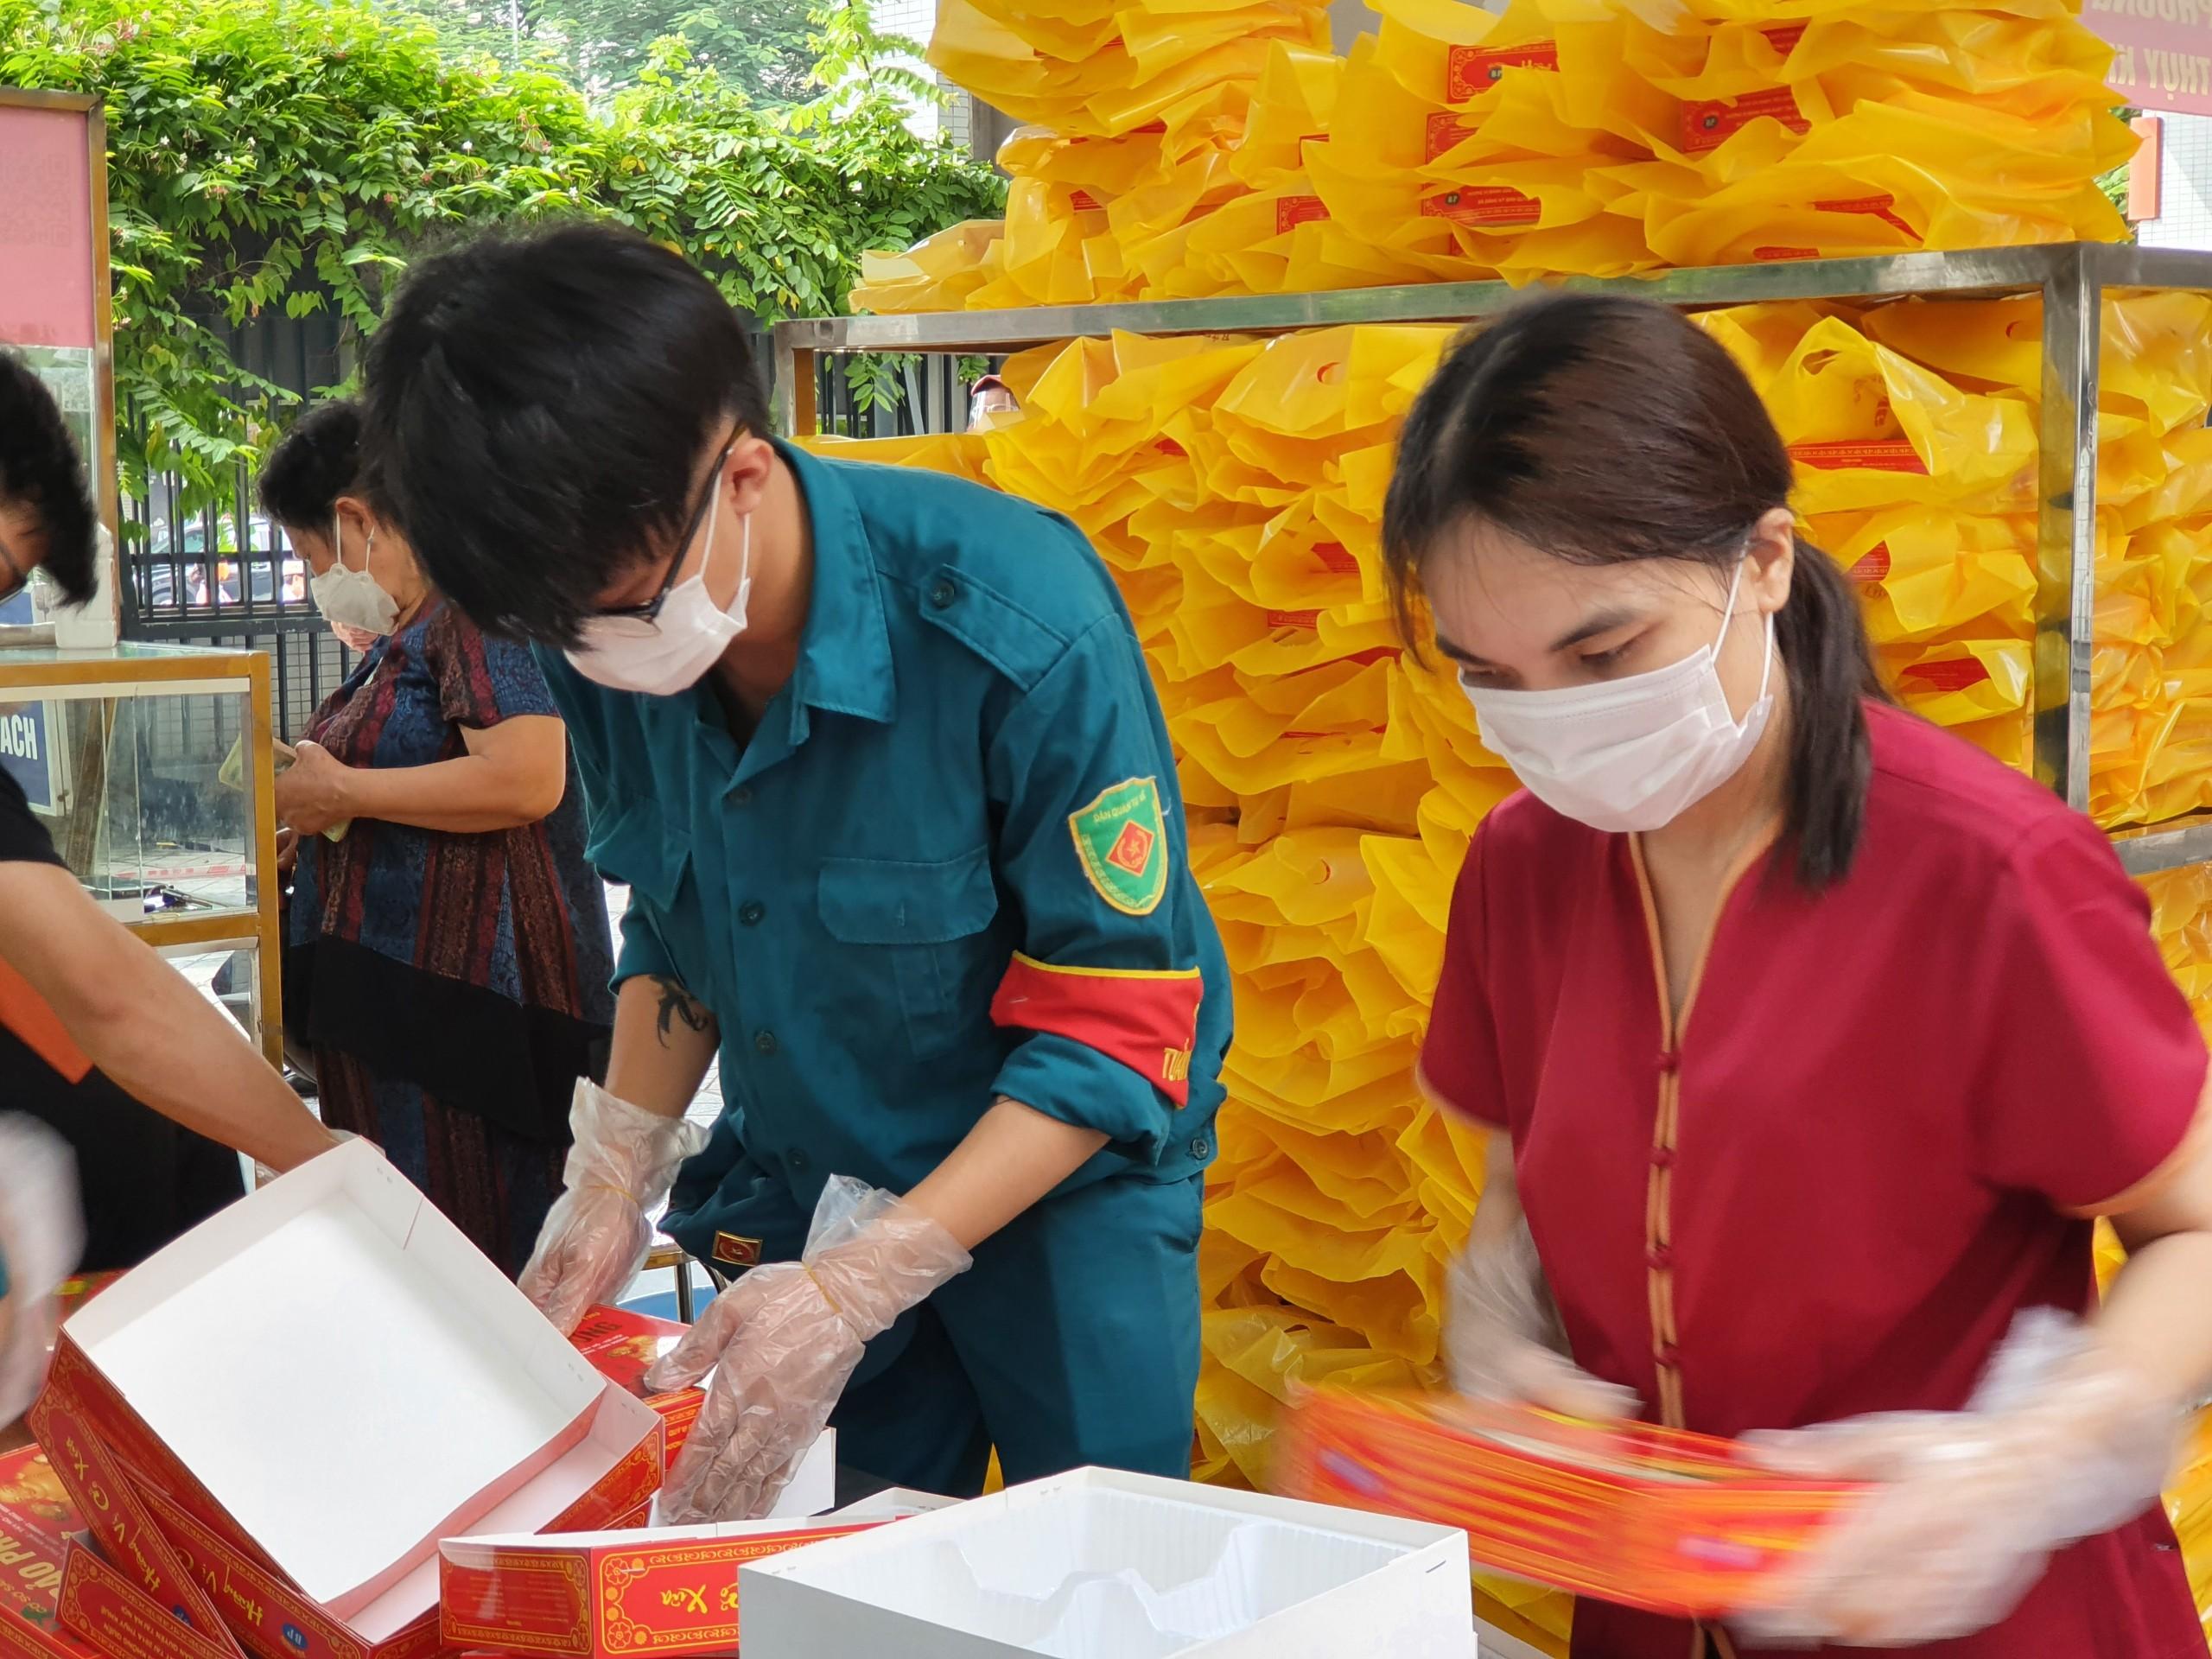 Hà Nội: Bánh trung thu truyền thống chưa 'hạ nhiệt' - Ảnh 7